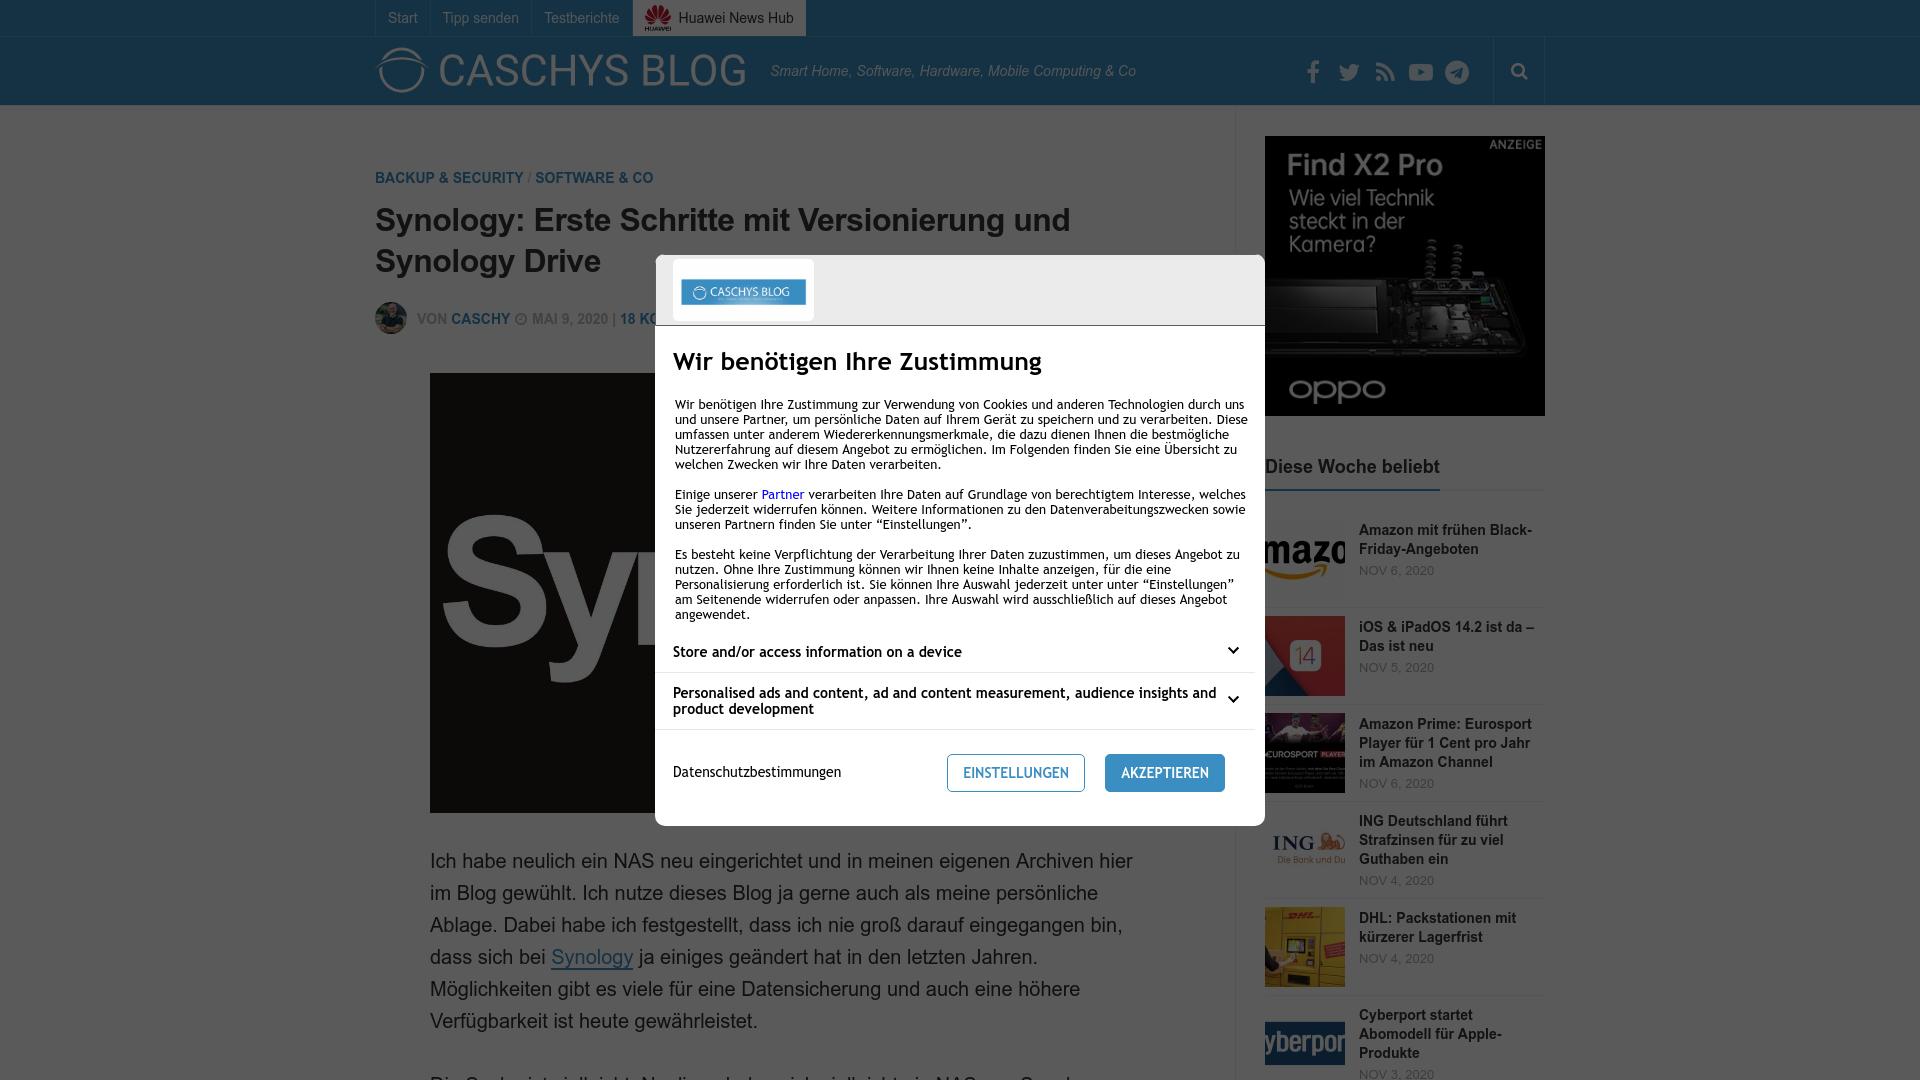 https://stadt-bremerhaven.de/synology-erste-schritte-mit-versionierung-und-synology-drive/